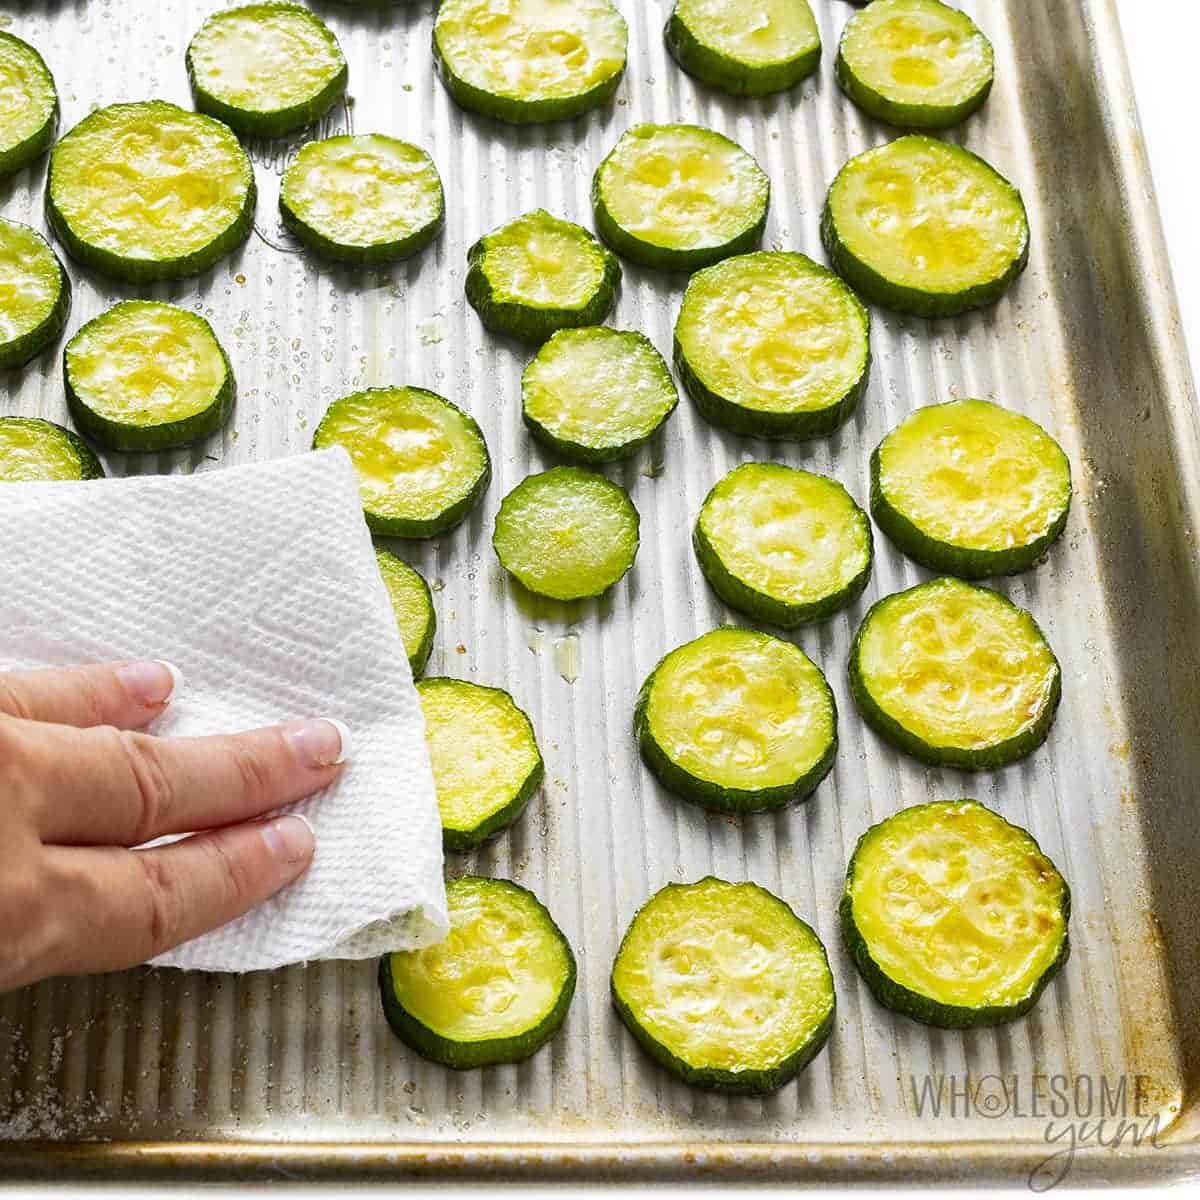 Pat zucchini dry